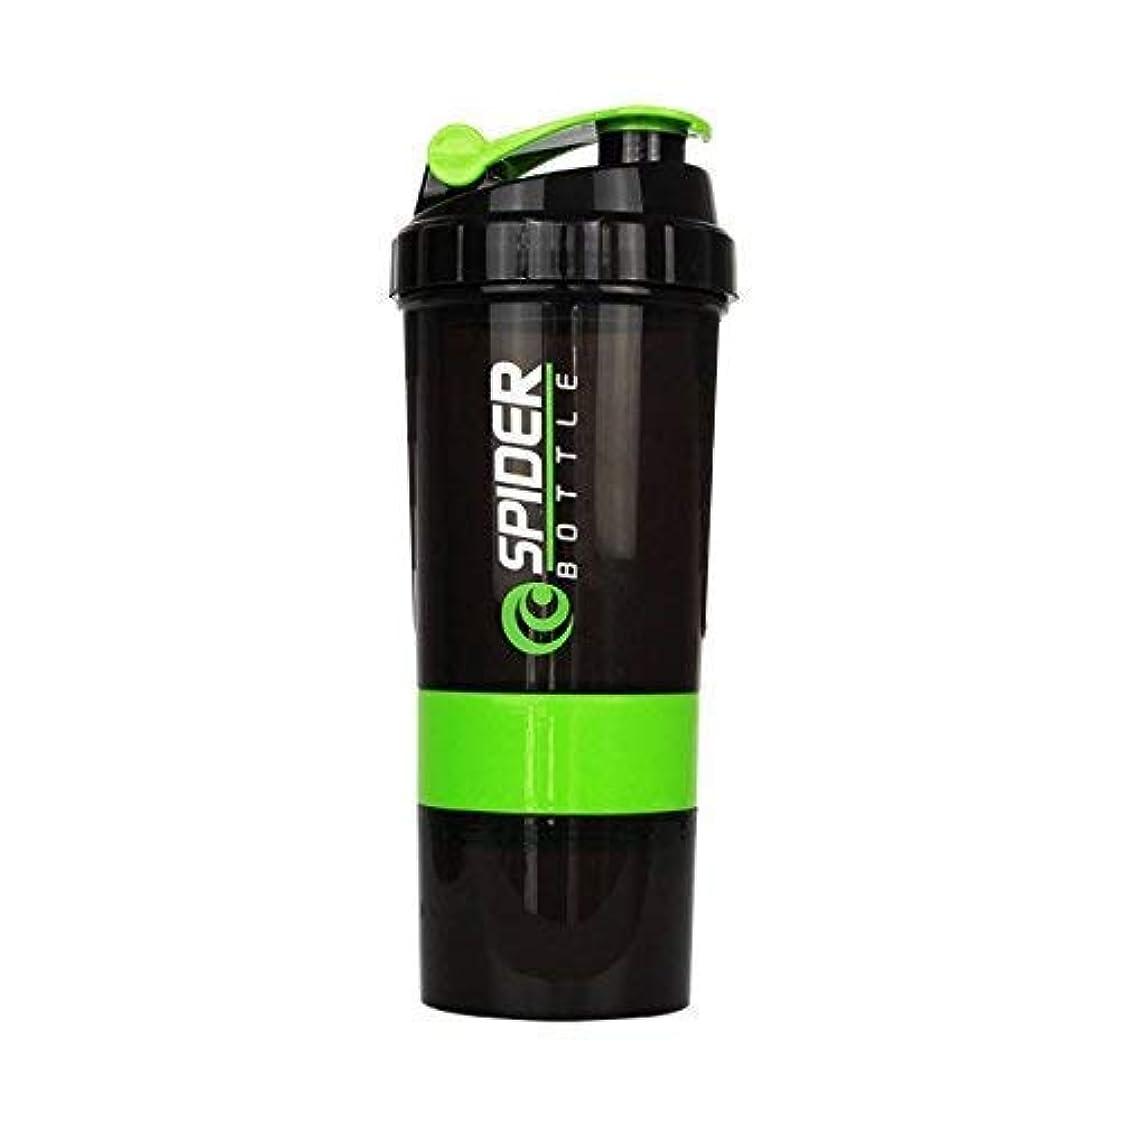 絡まる層代表GOIOD 3層ハンディー式 ウォーターボトル プロテインシ シェーカーボトル フィットネス用 プラスチック 目盛り ジム ダイエット スポーツ 栄養錠剤ビタミン入れ(ブラック) 600ML (グリーン)